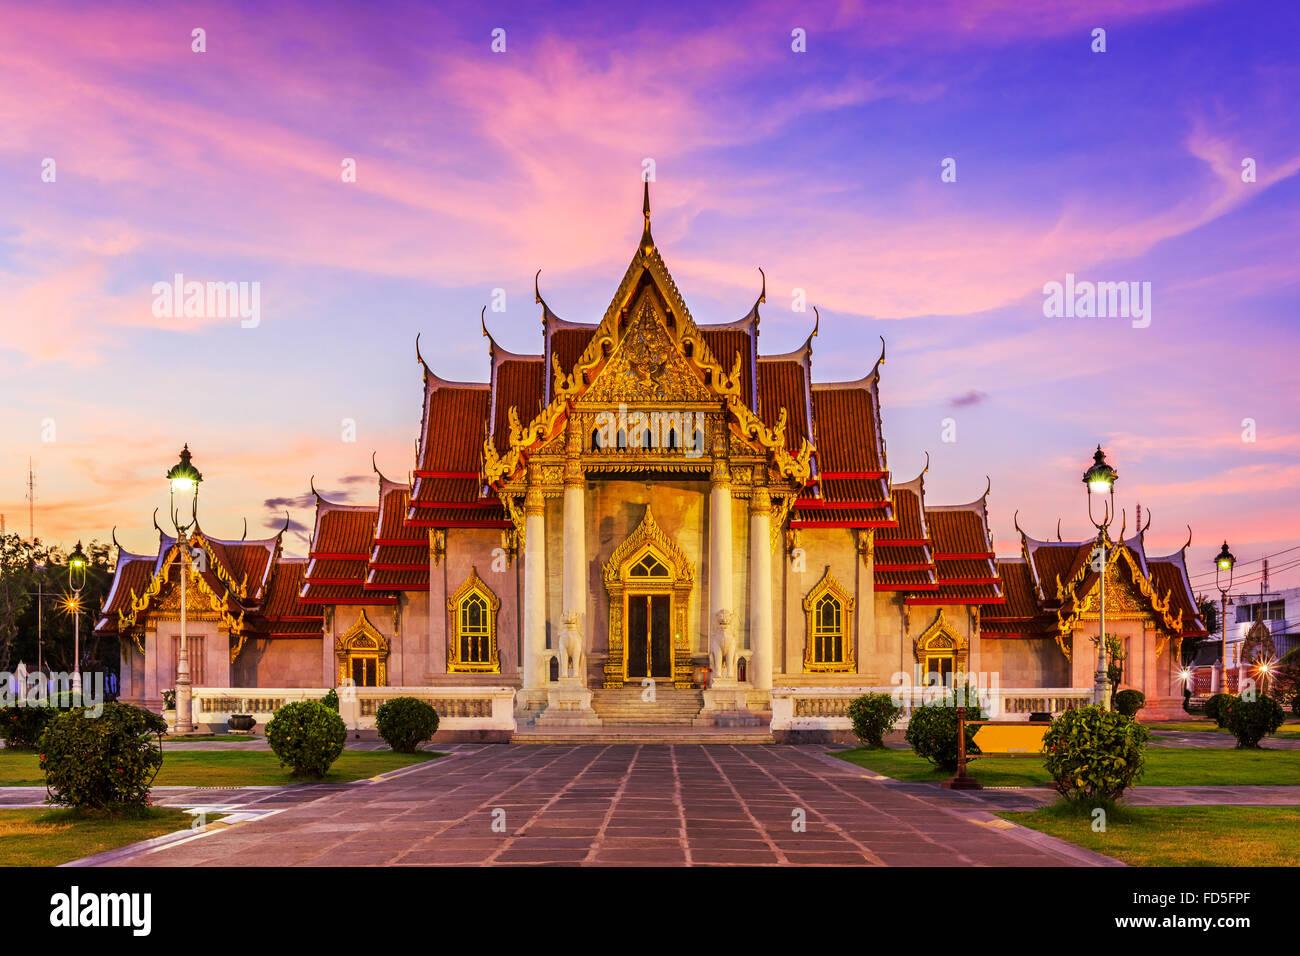 Bangkok, Thaïlande. Le Temple de marbre, Wat Benchamabopit Dusitvanaram au coucher du soleil. Photo Stock